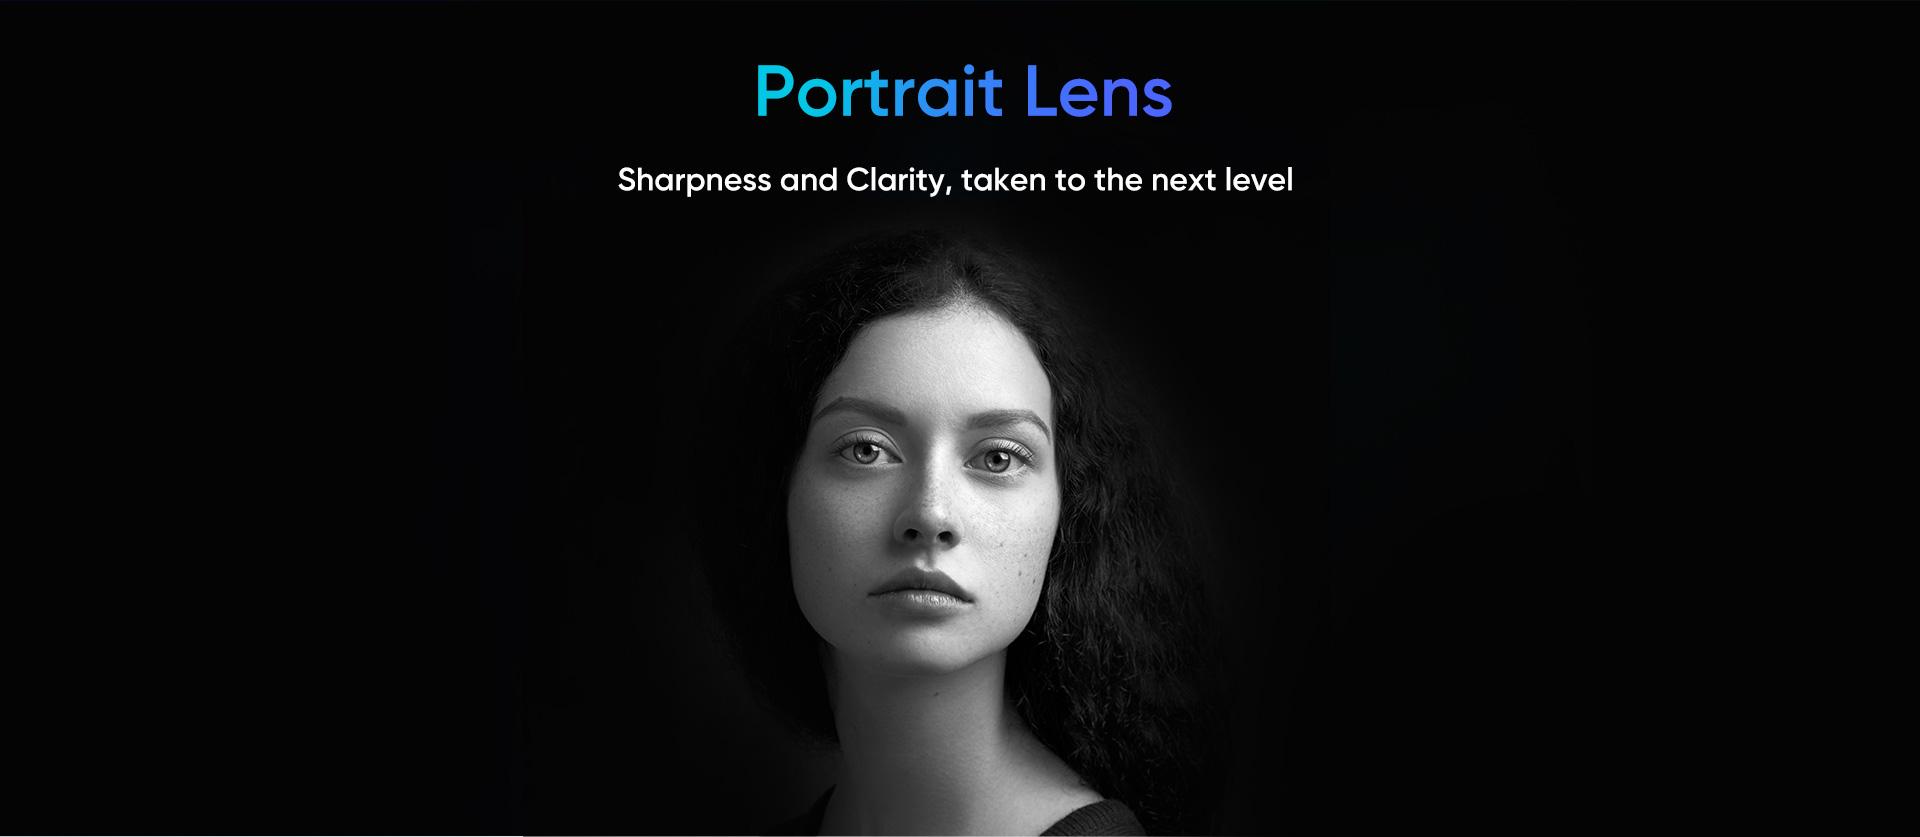 Realme X2 Pro- portrait lens